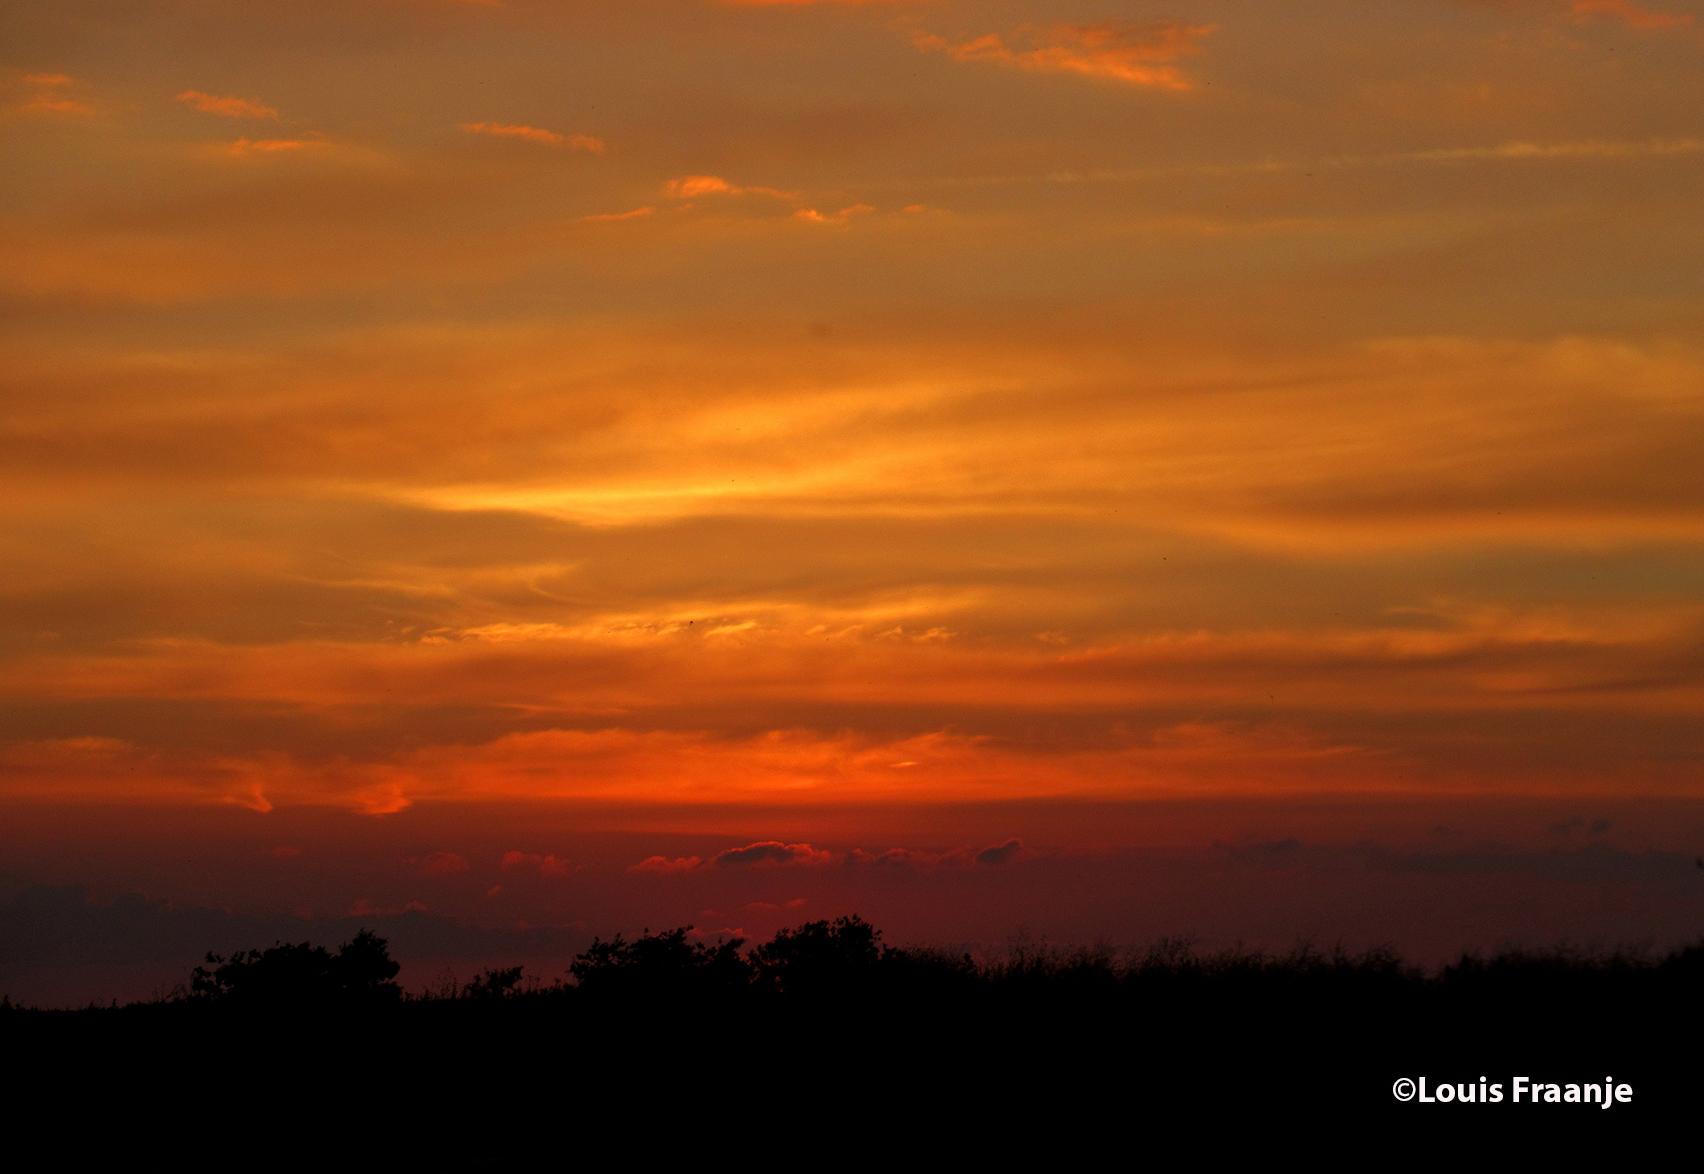 Het prachtige avondrood, een sfeervol moment ergens op het platteland - Foto: ©Louis Fraanje